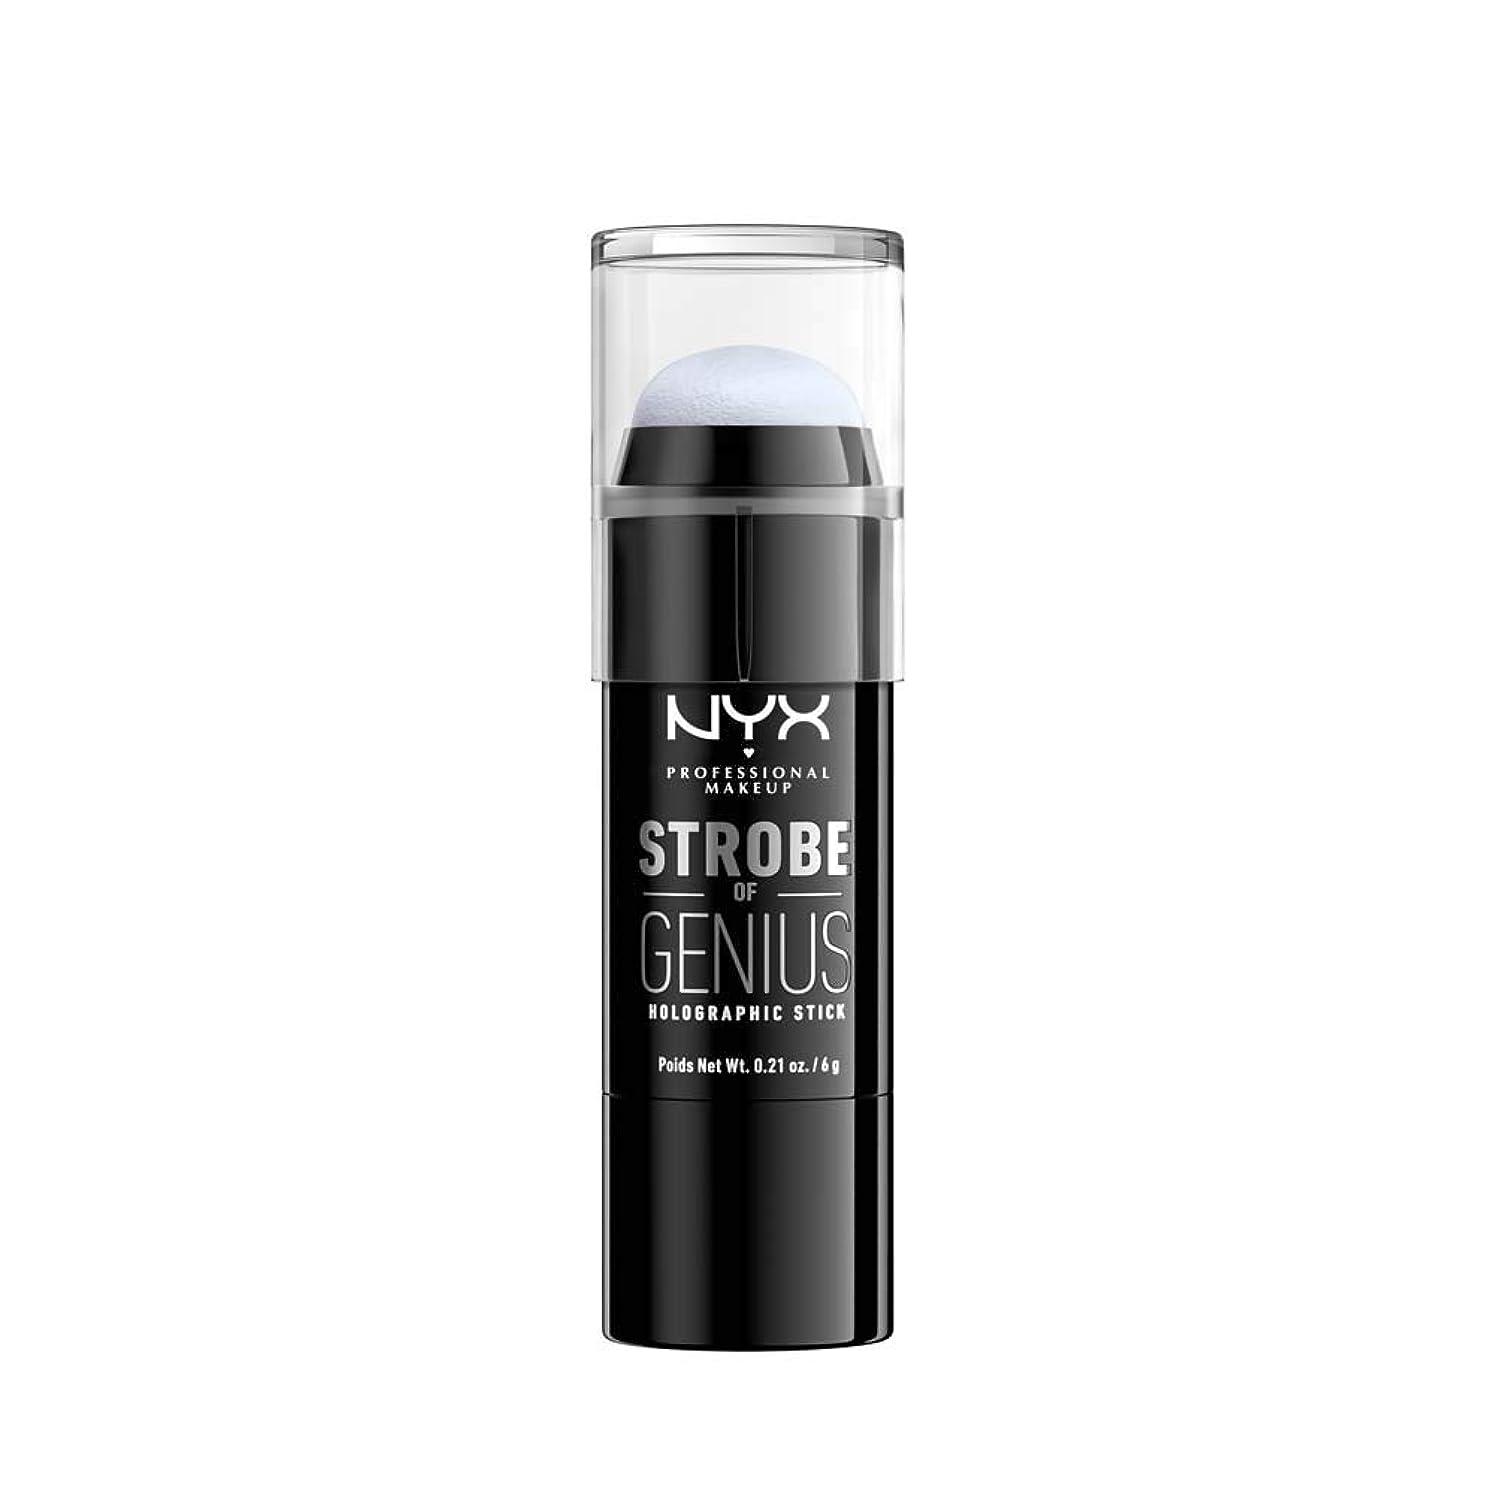 組み込む楽しむ絶対のNYX(ニックス) ストロボオブジーニアス ホロ スティック 02 カラーエレクトリック インベージョン